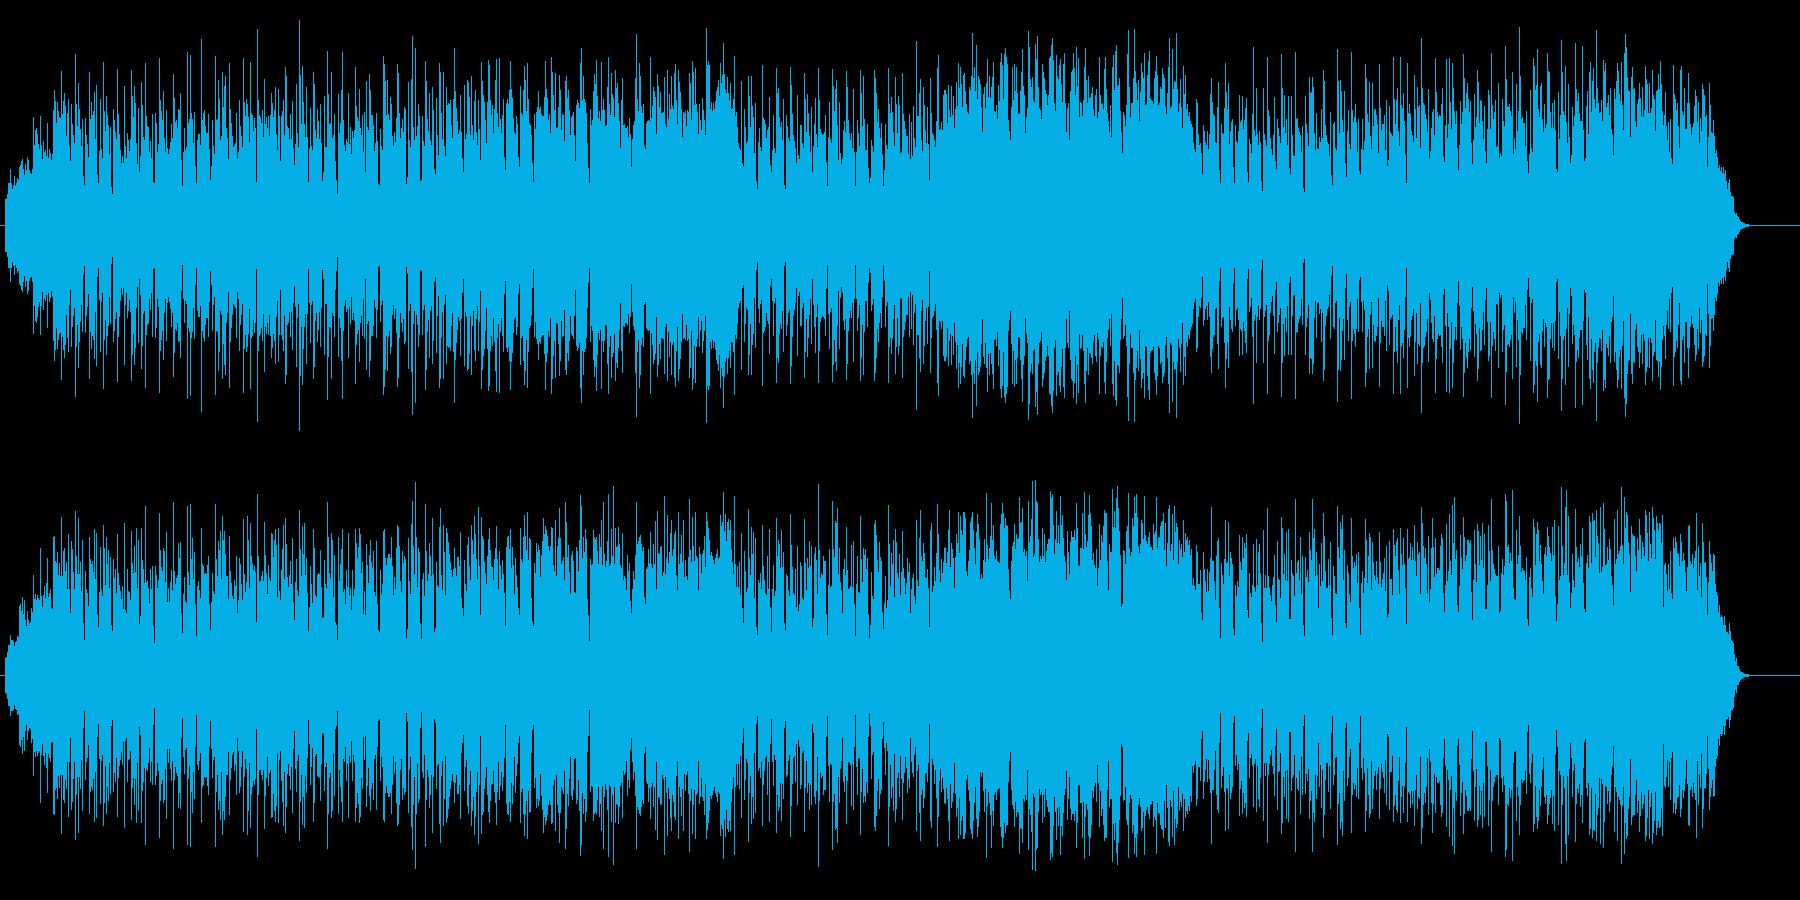 オチャメな和風ポップス(三味線サウンド)の再生済みの波形